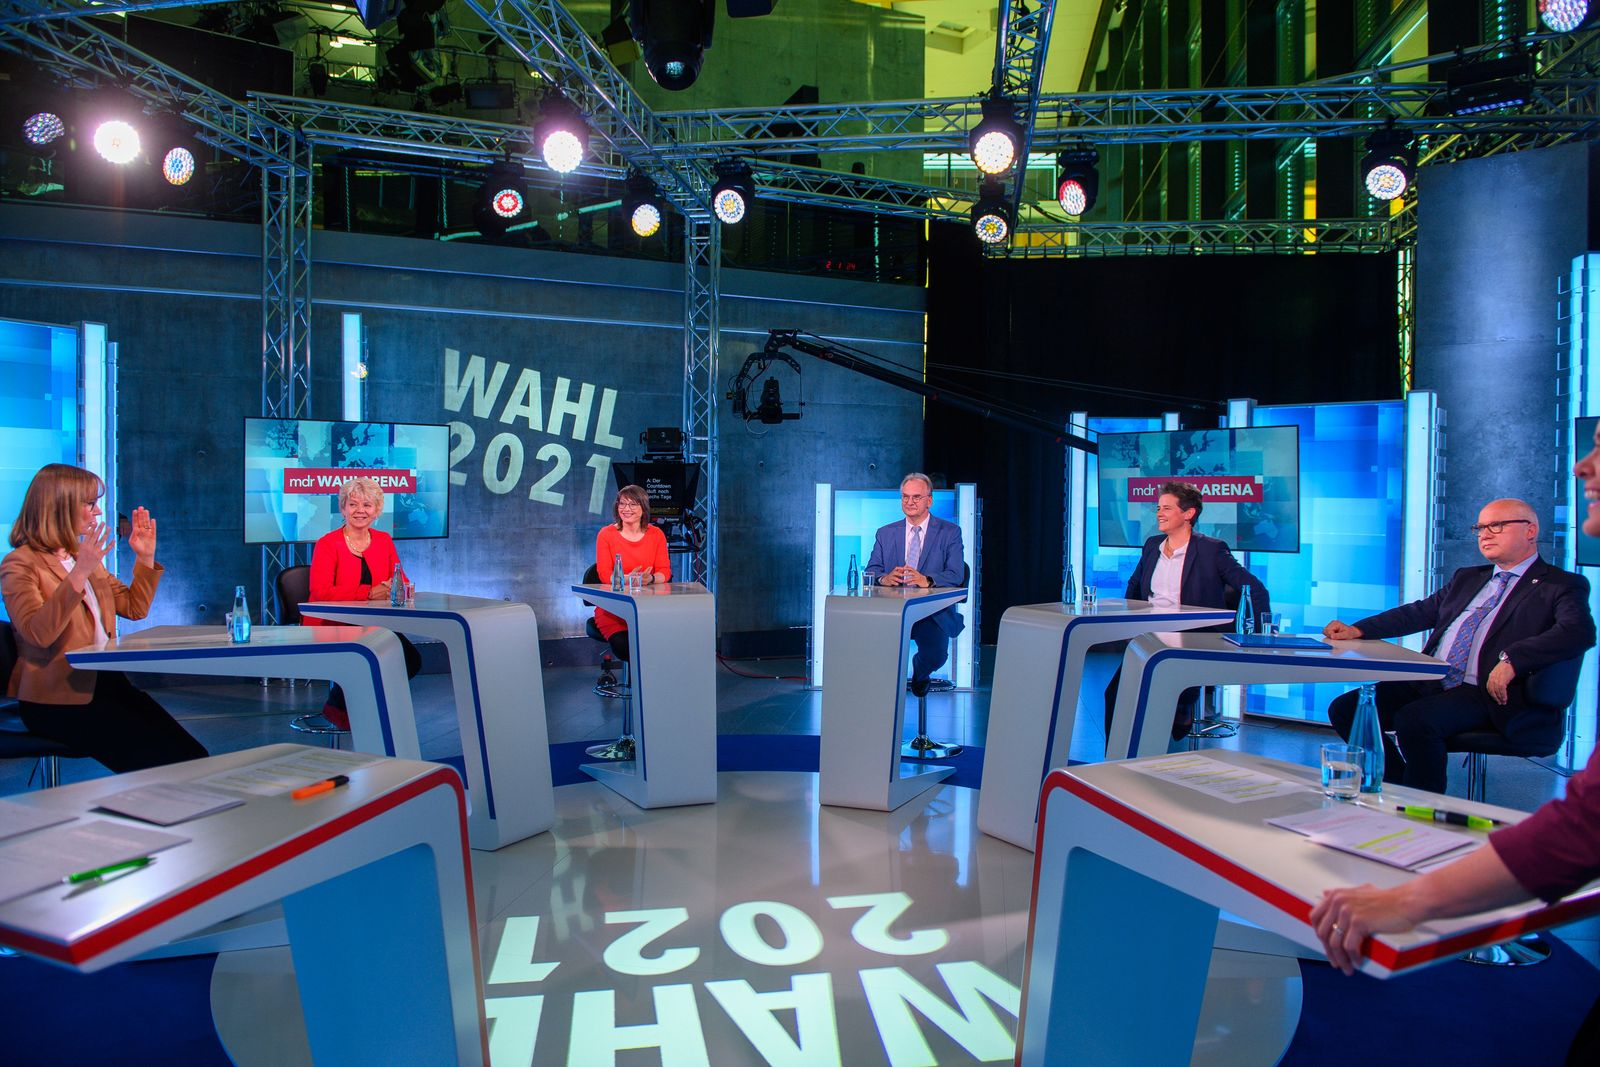 MDR-Wahl-Arena zur Landtagswahl am 6. Juni 2021